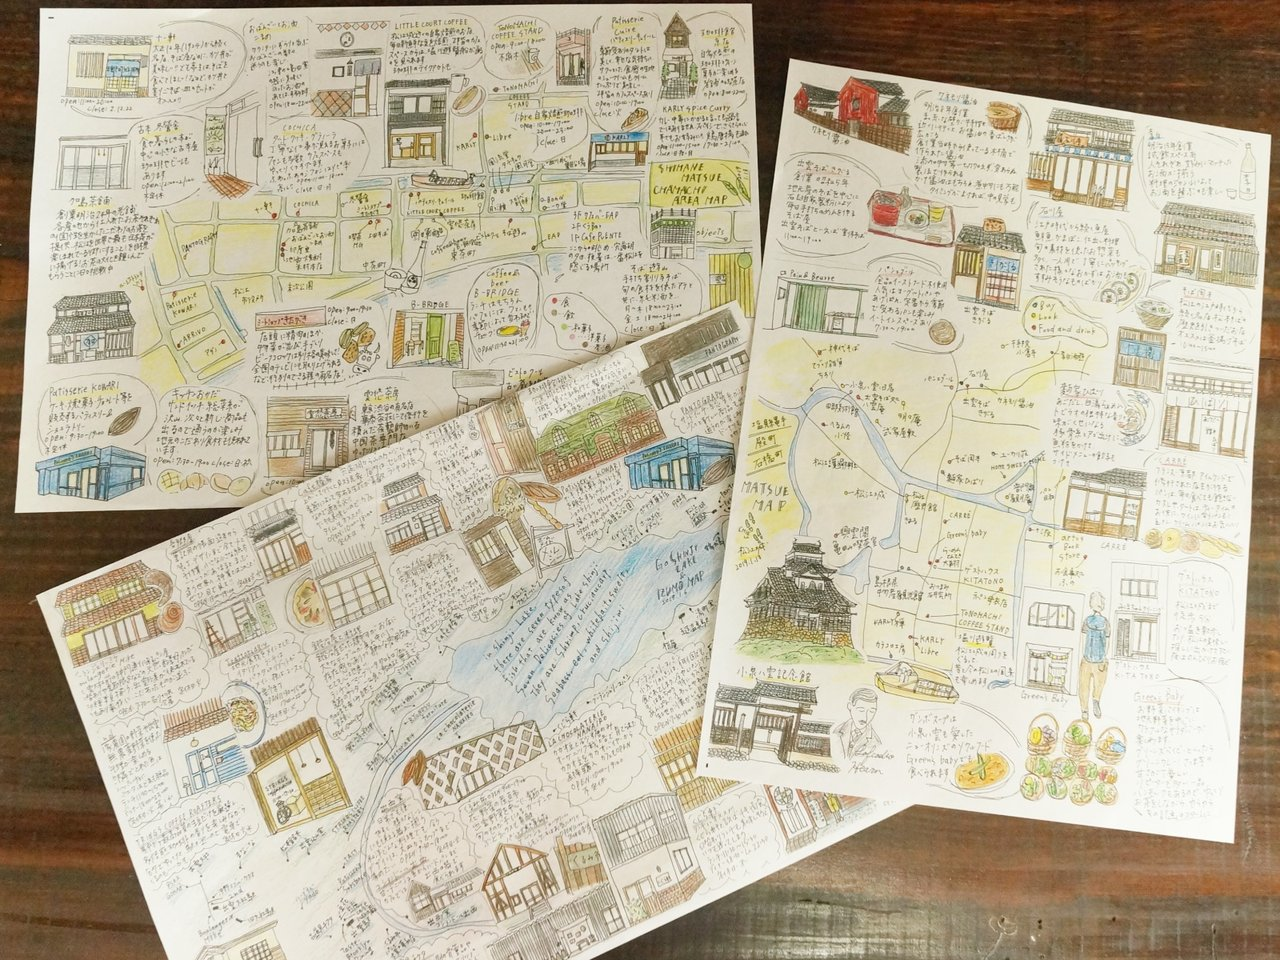 地域を知り尽くした人が描くからこそ伝わるまちへの愛情。島根県松江市で広がる「手書き地図」